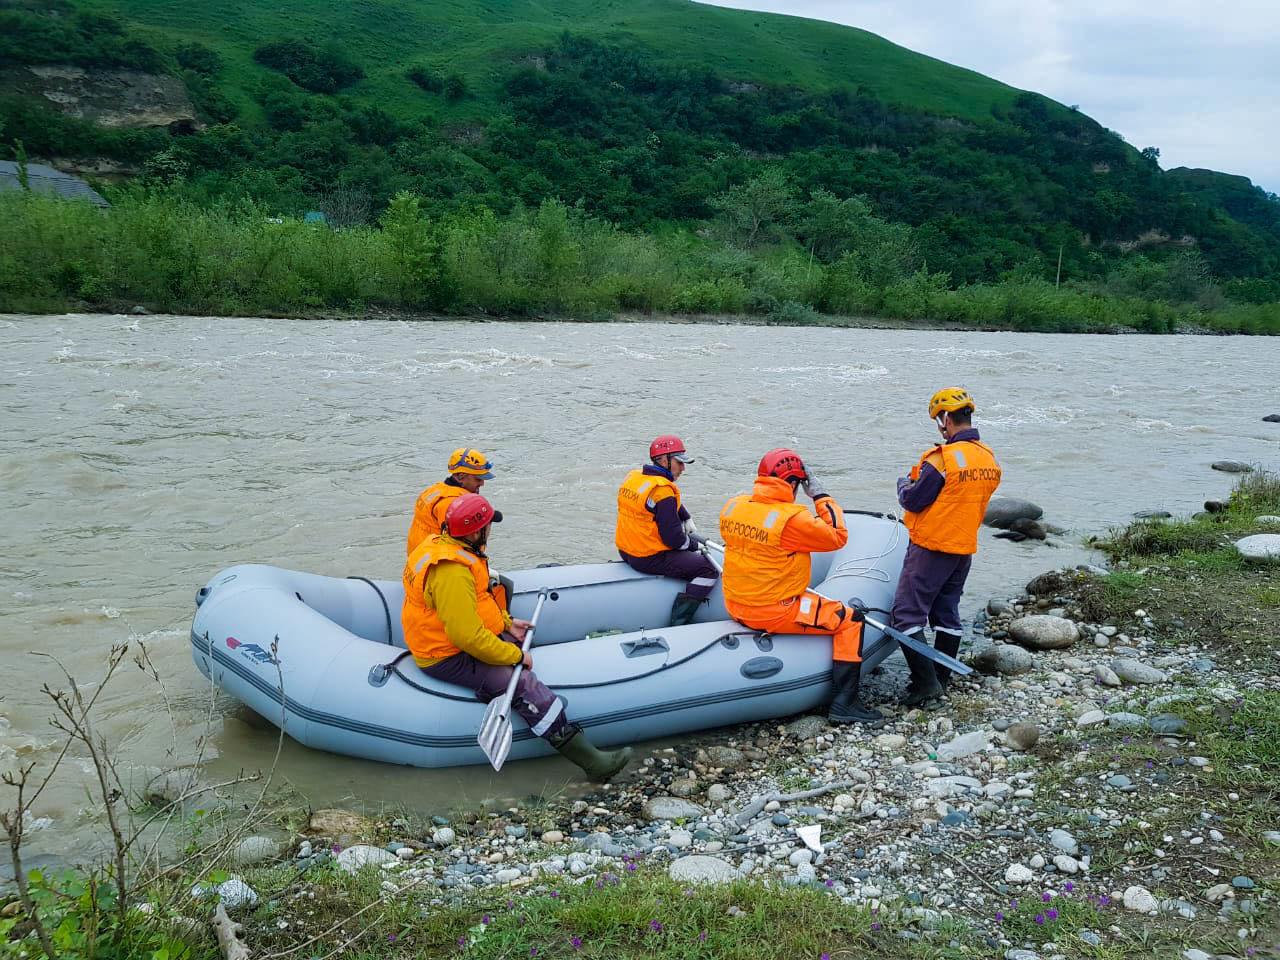 Поисково-спасательные работы в Эльбрусском районе завершены.